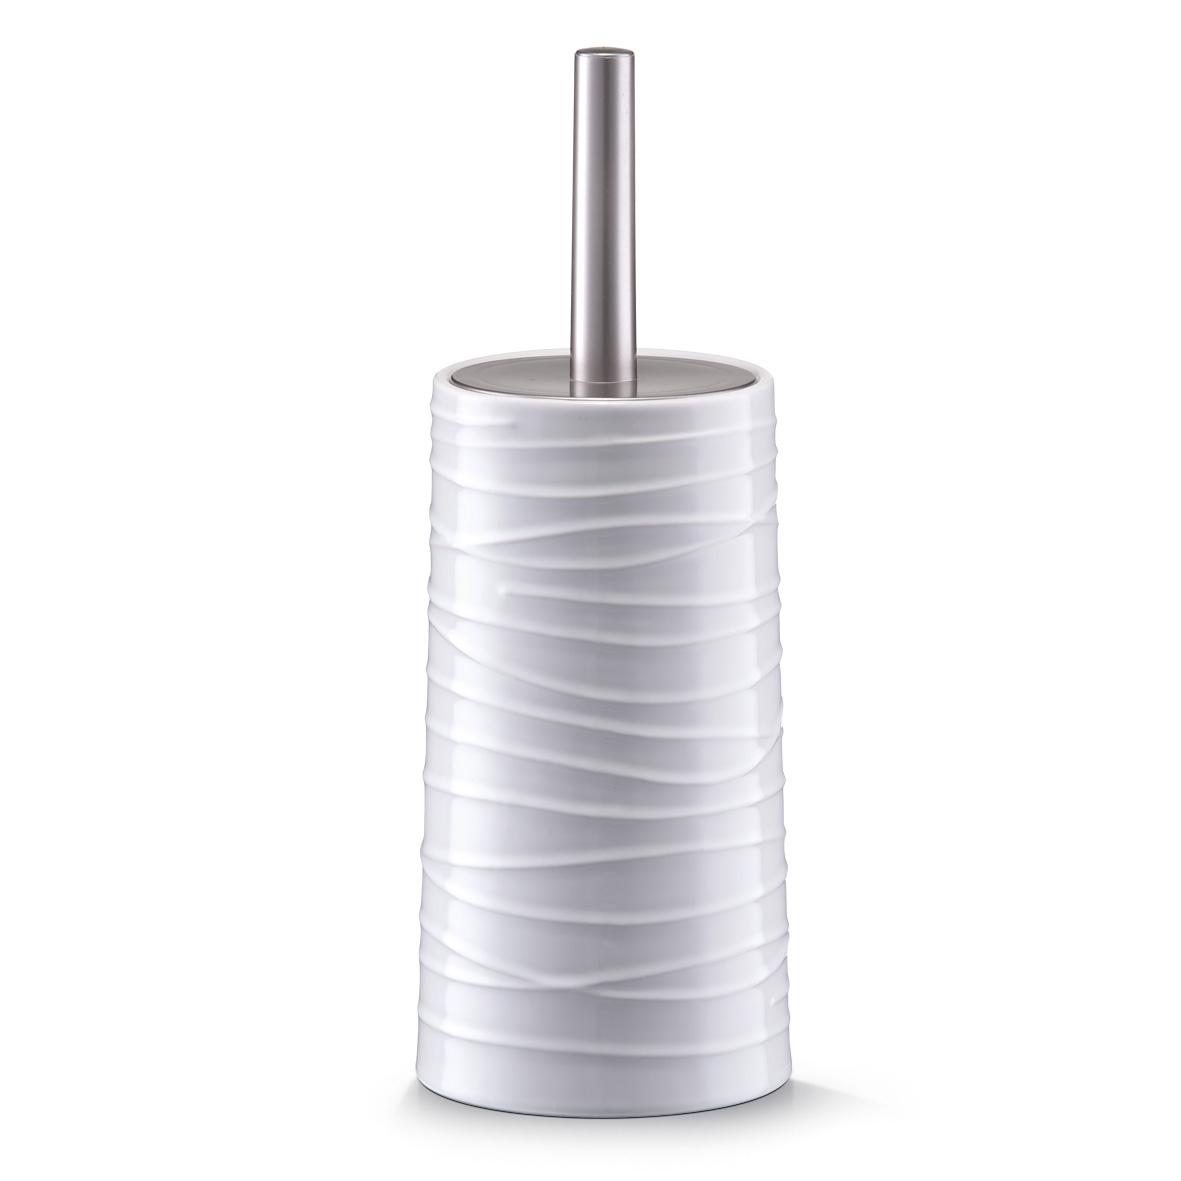 Perie de toaleta cu suport din ceramica, White, Ø 11,5xH32 cm imagine